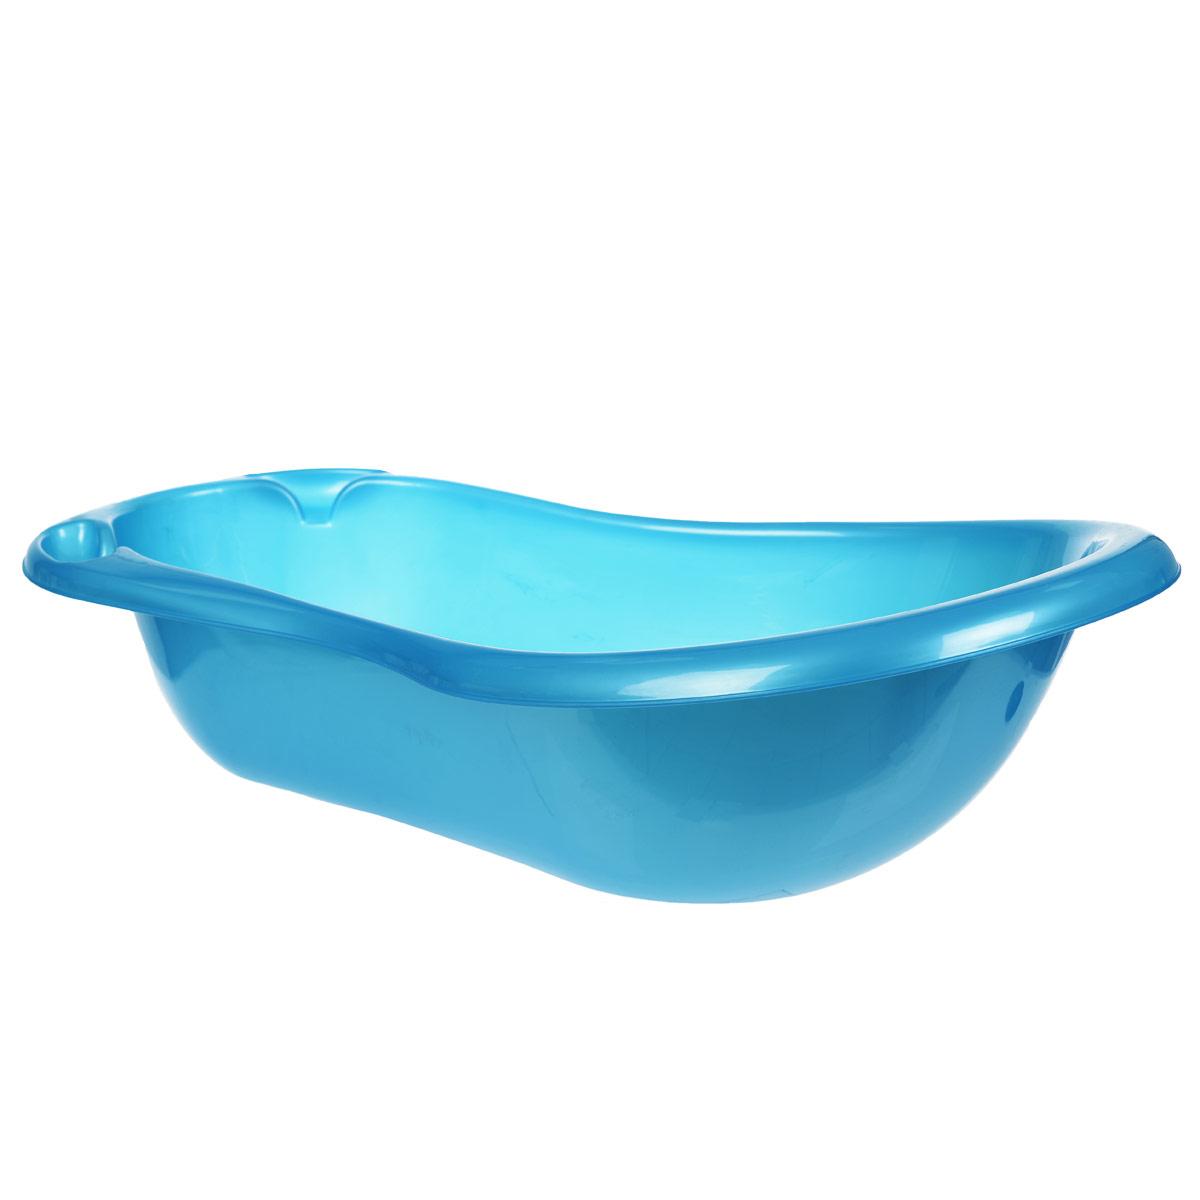 Ванна детская Эльфпласт, цвет: голубой, 97 см х 50 см х 27 см033Яркая ванночка Эльфпласт идеально подойдет для купания малыша. Ванна, изготовленная из прочного безопасного материала без содержания токсичных веществ, имеет удобные выемки для мыла и других принадлежностей. Дно ванночки оформлено красочным изображением.